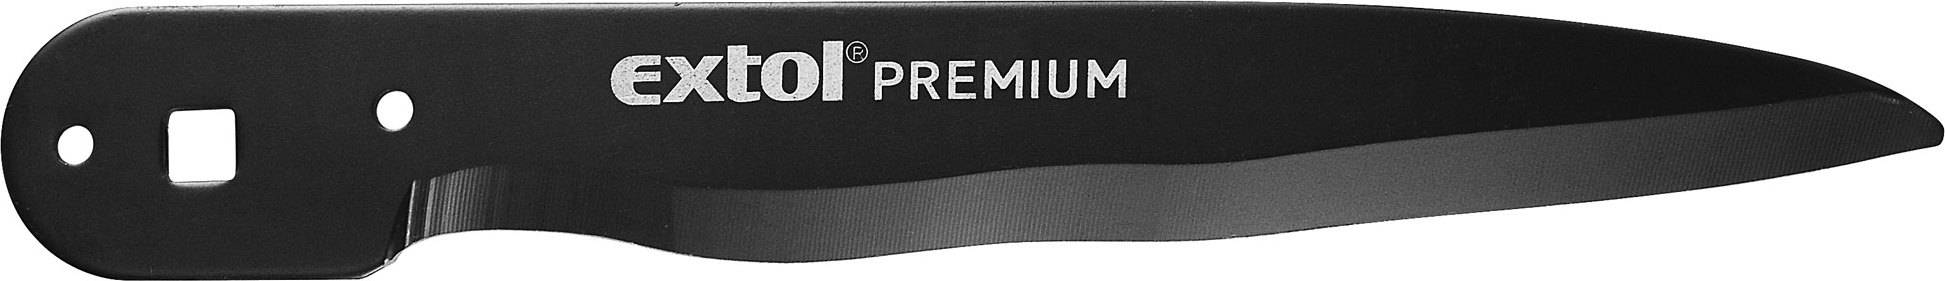 Extol Premium Stříhací břit pro zahradní nůžky 8873110, 8873115